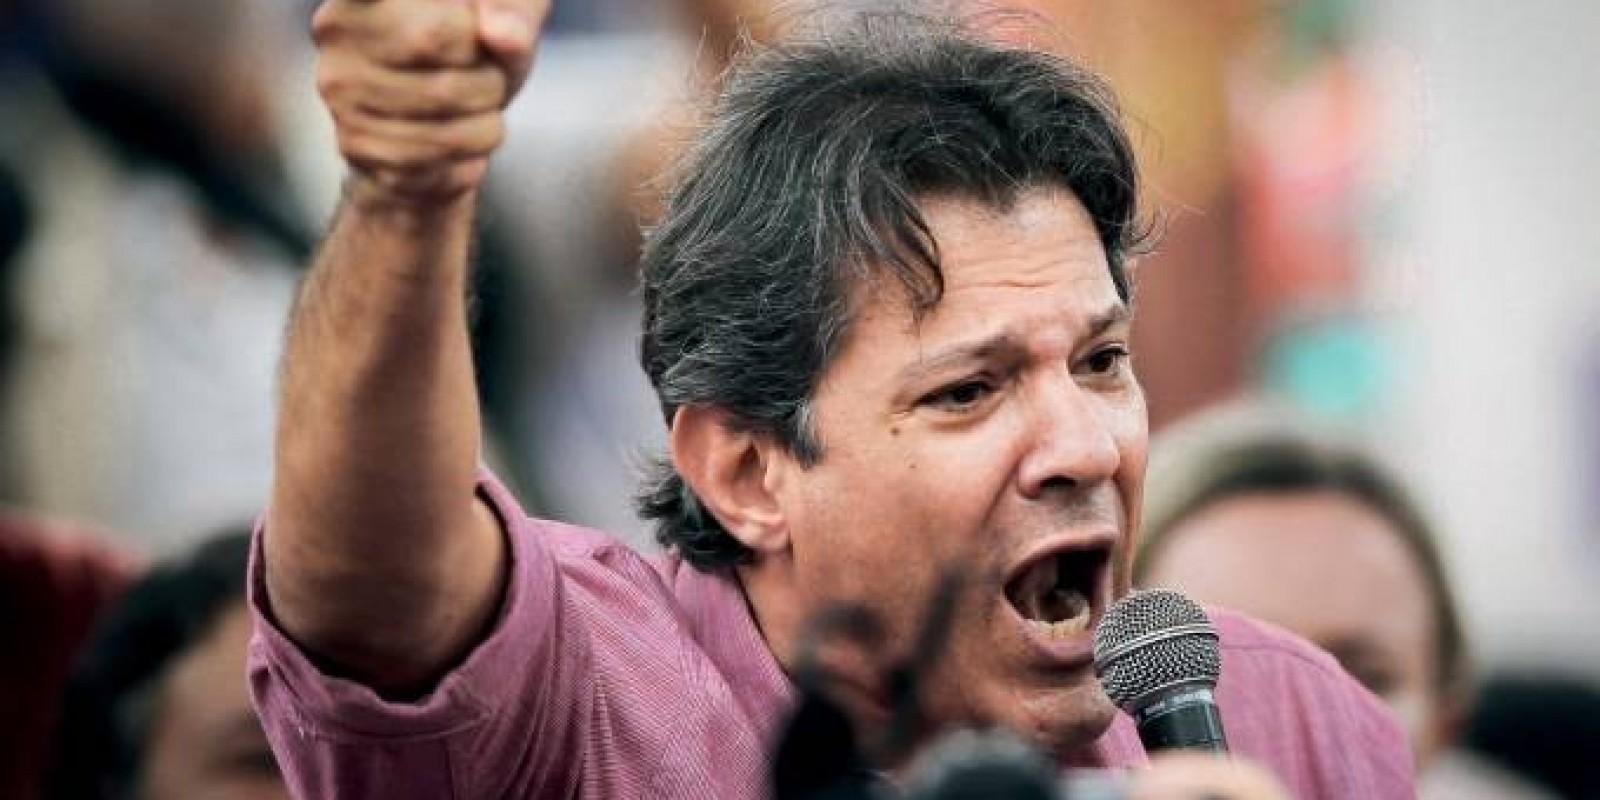 Justiça condena Haddad a 4 anos de prisão por caixa dois em eleição